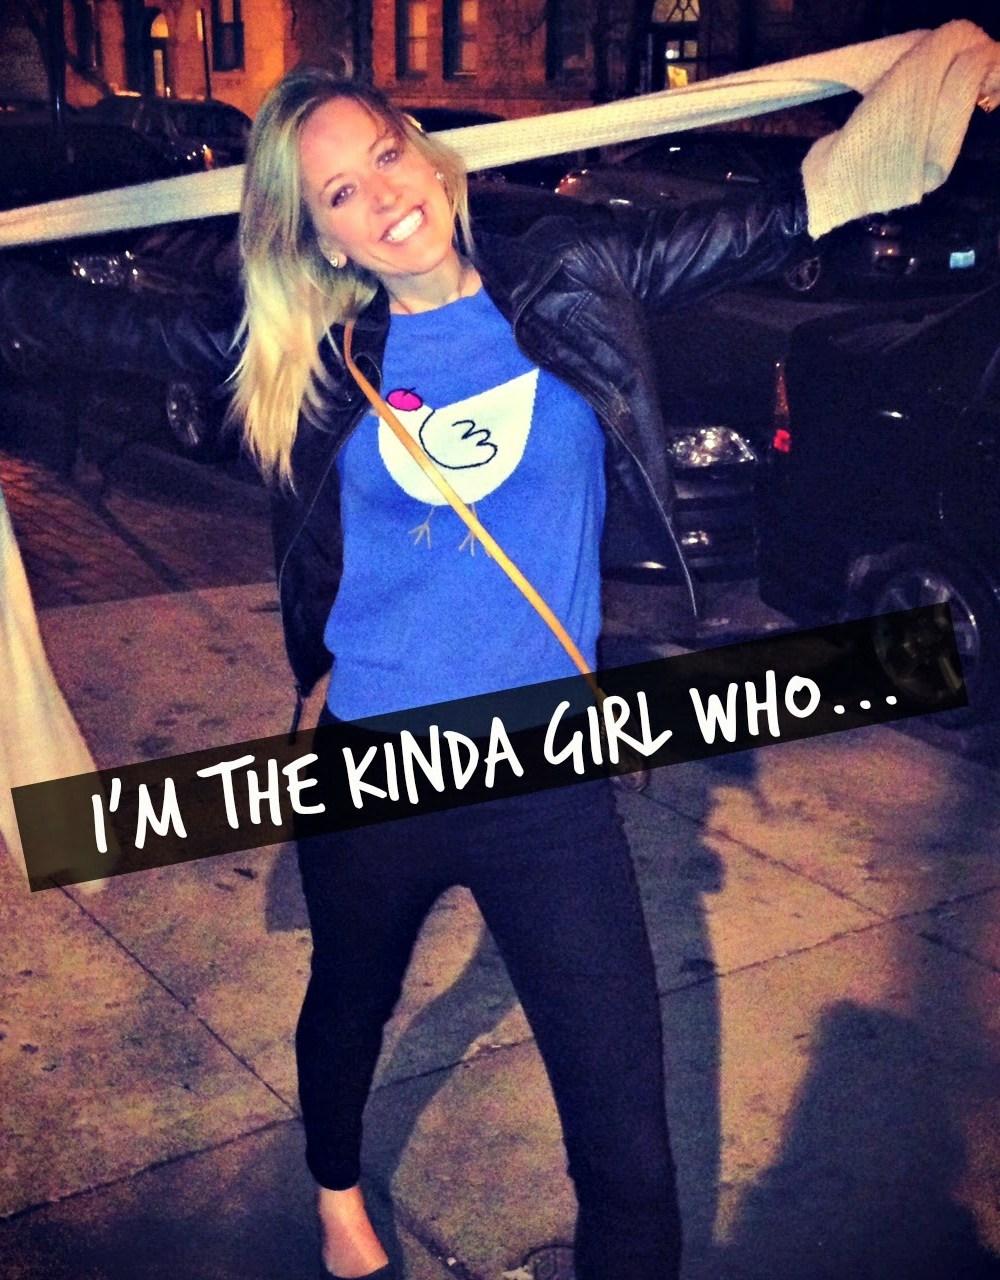 I'm The Kinda Girl Who…